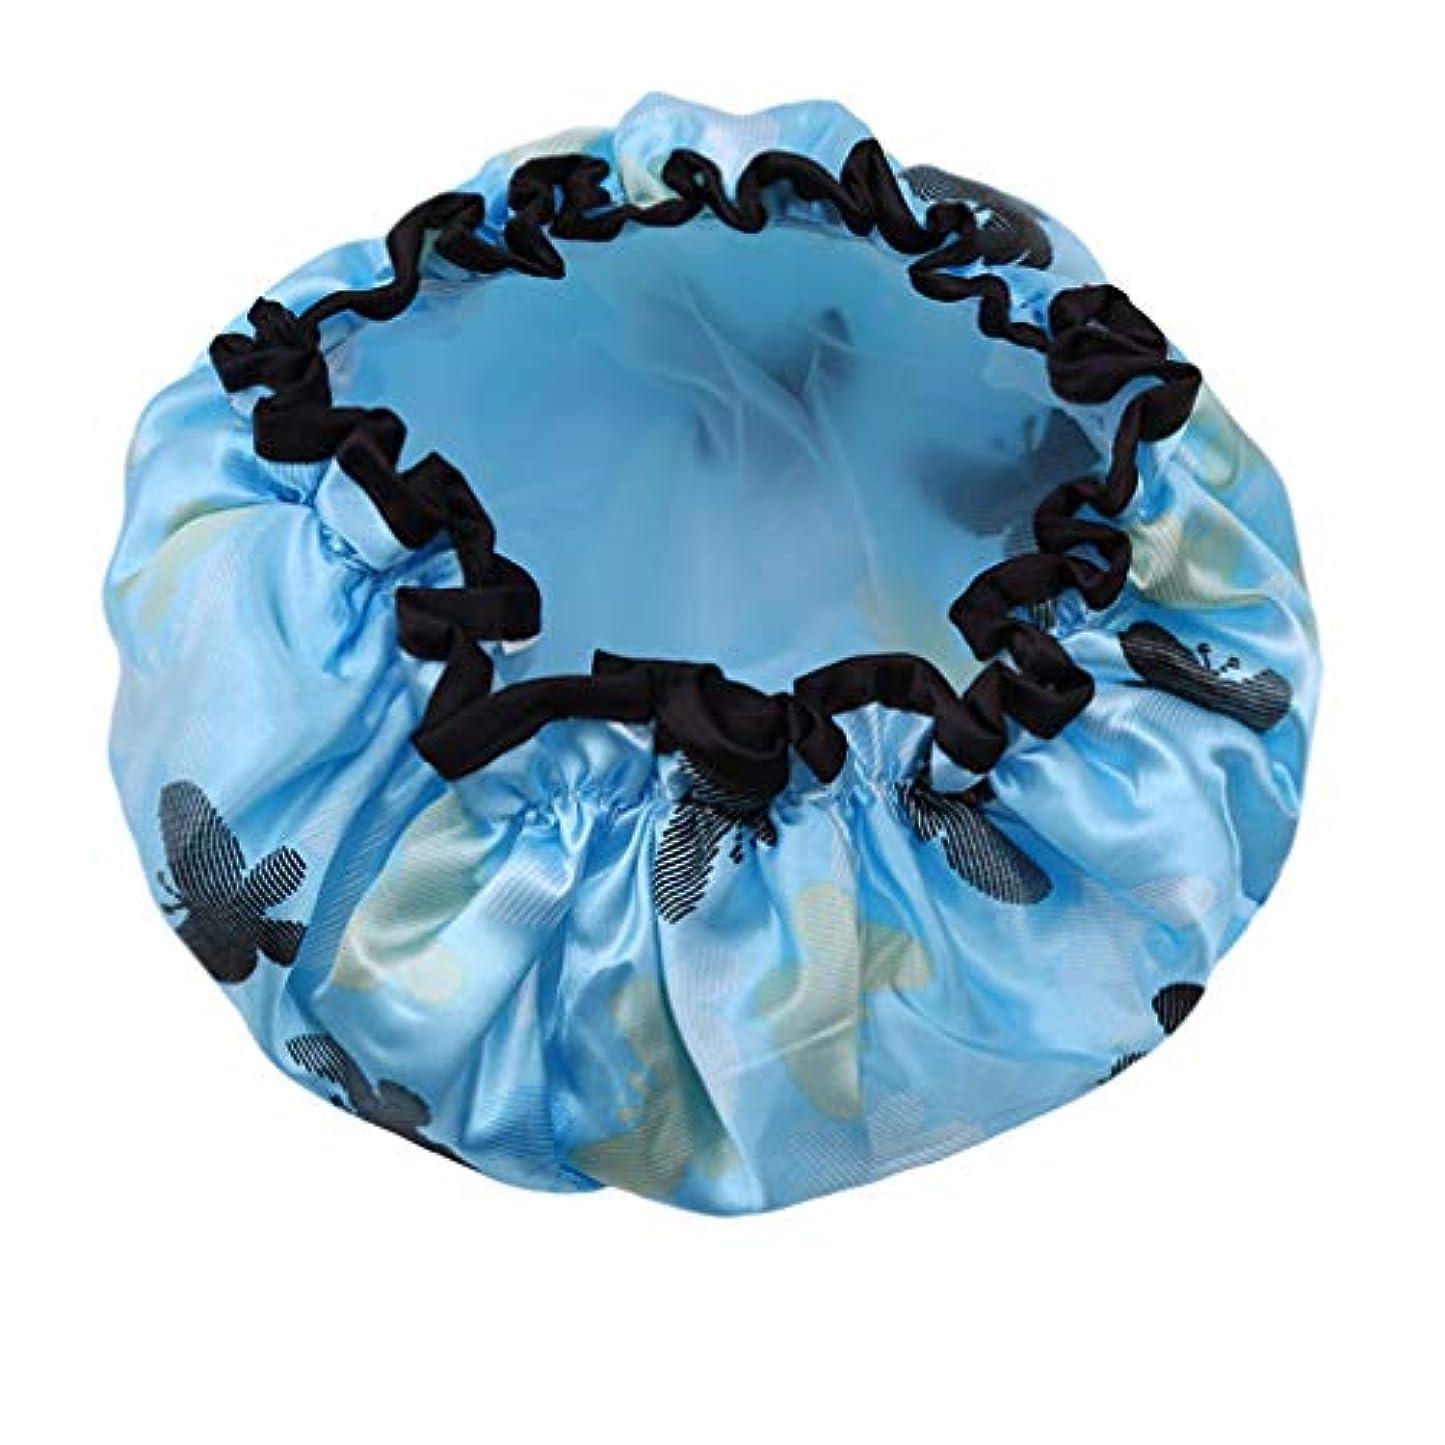 悔い改めドライバ経歴YUEHAO シャワーキャップ 入浴キャップ可愛い防水帽 弾性の防水ヘアキャップ 青い花の蝶